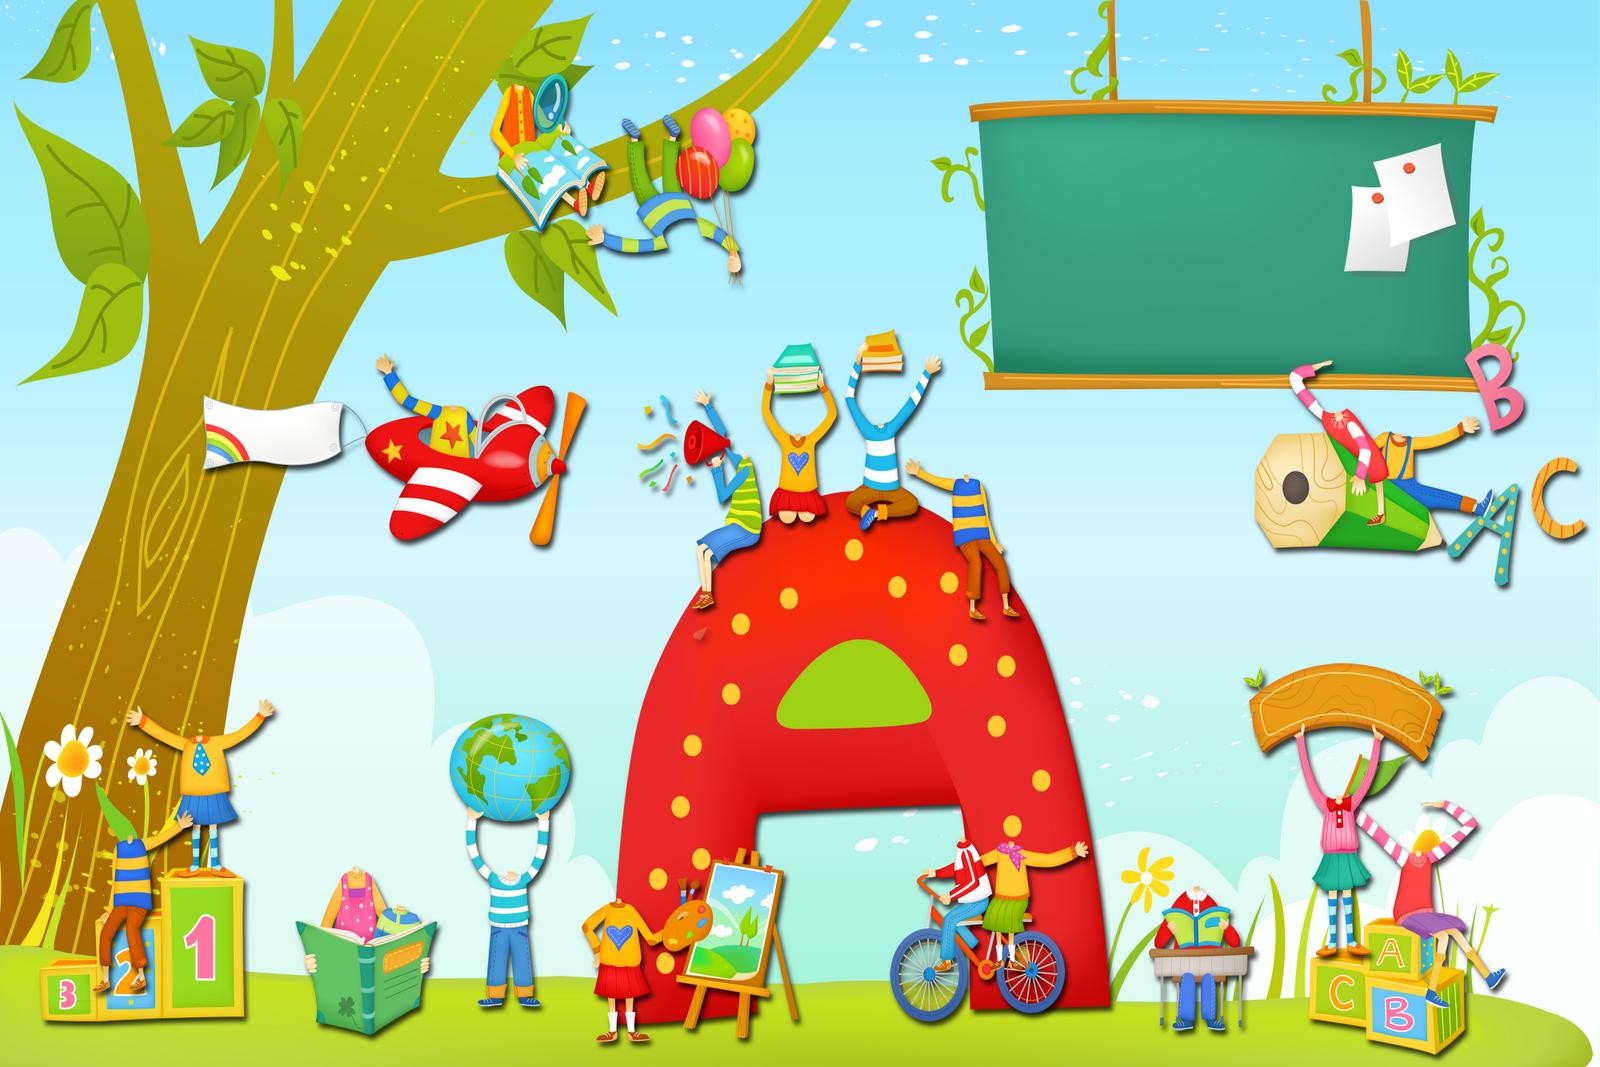 Fondos infantiles escolares buscar con google fondos for Buscar fondo de pantallas gratis